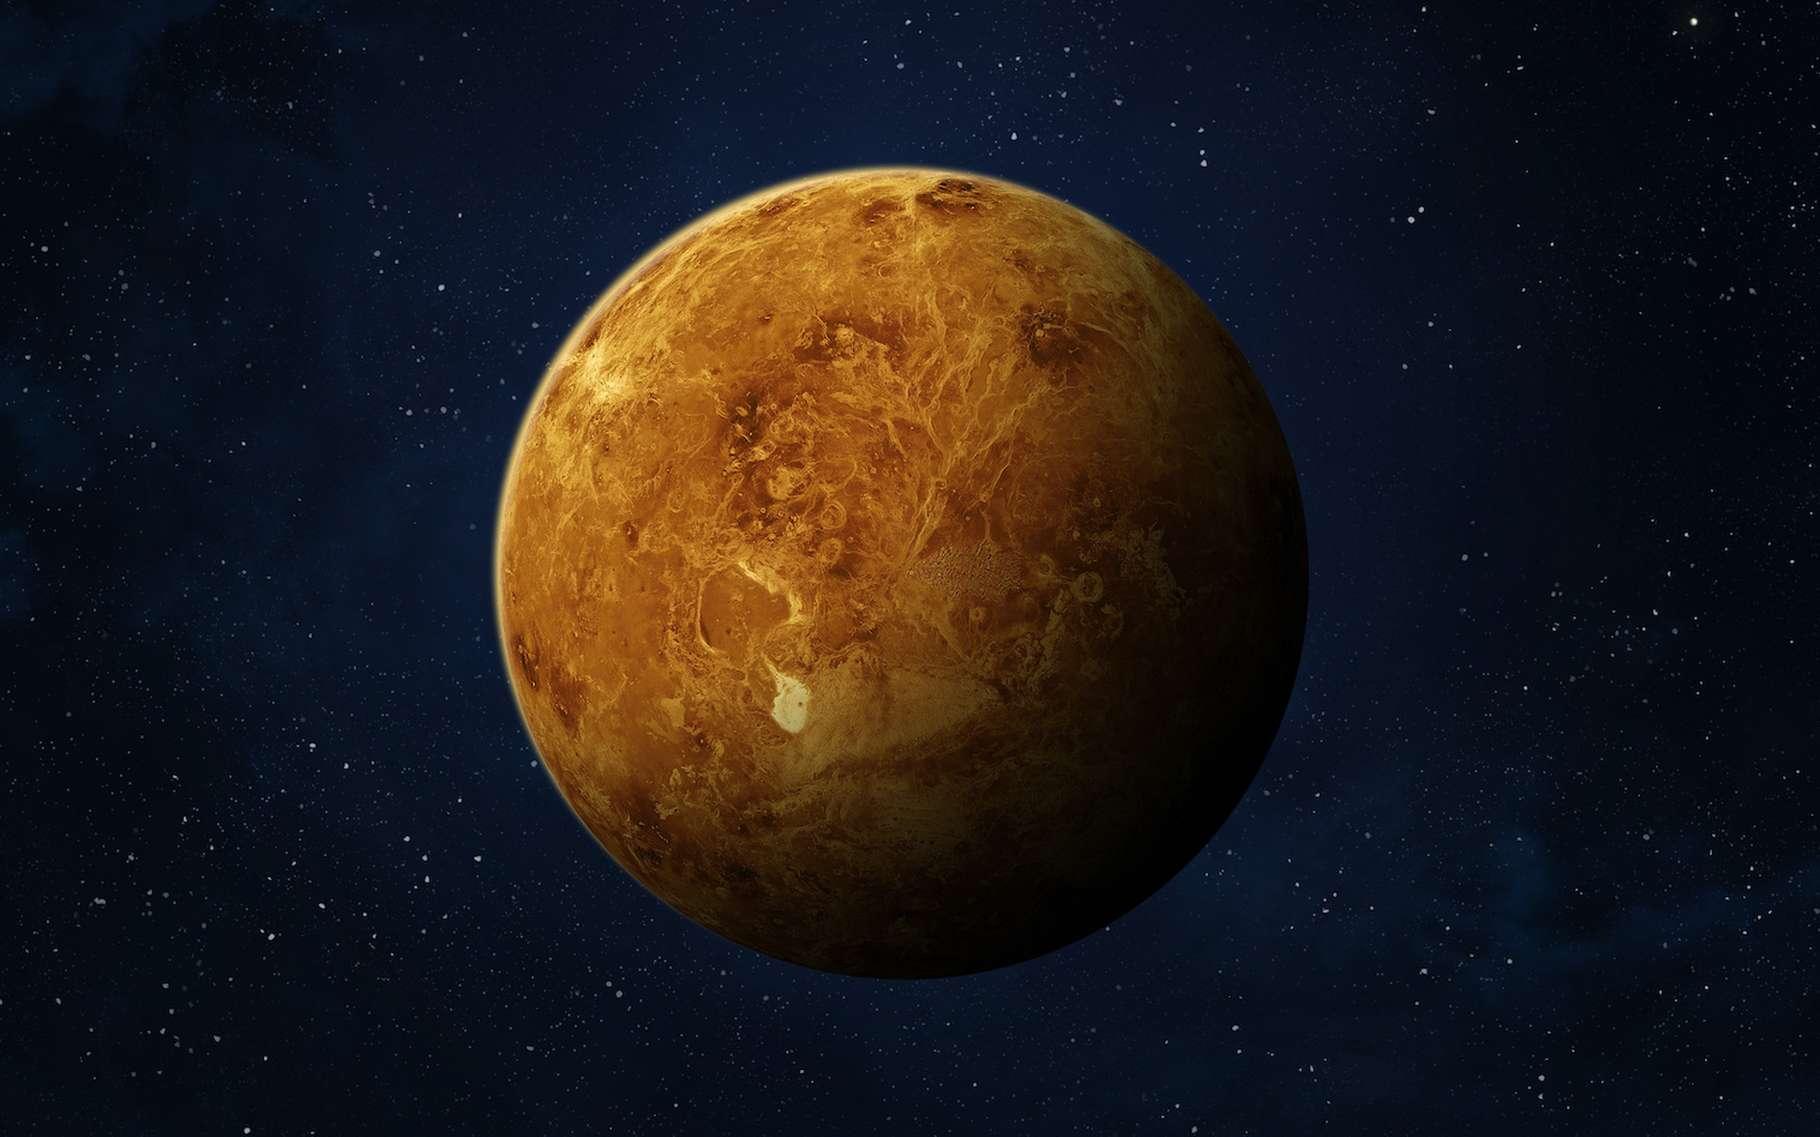 La distance entre le périhélie et l'aphélie de Vénus est de 0,01 unité astronomique seulement, la plus petite de tout le Système solaire. © revers_jr, Adobe Stock